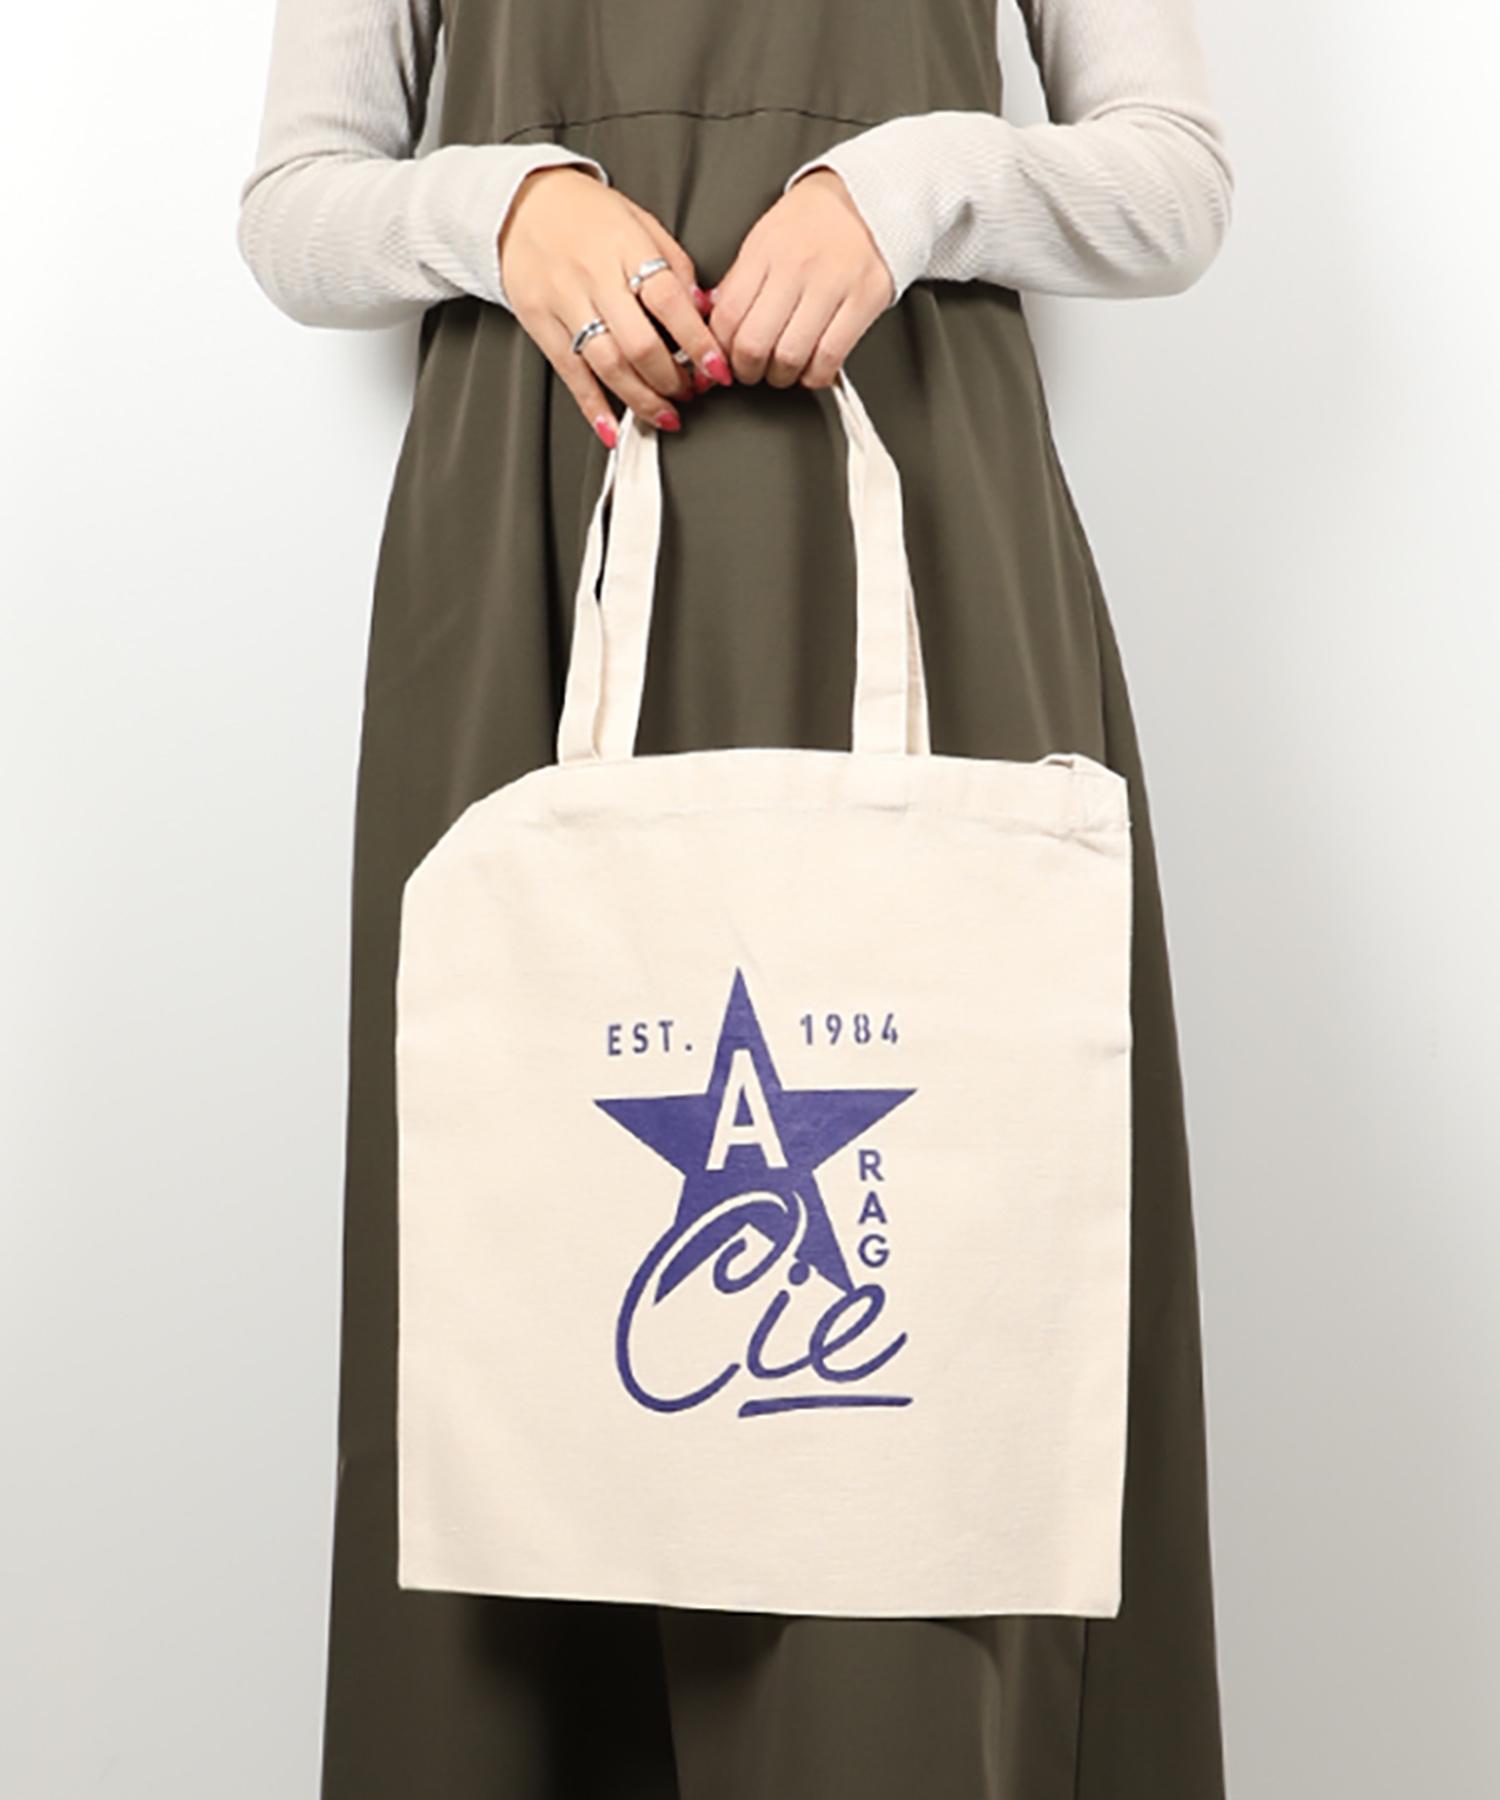 AMERICAN RAG CIE ARC Star Logo Print Cotton Canvas 2way Totebag/アメリカンラグシー ARCスターロゴプリント2WAYコットンキャンバストート